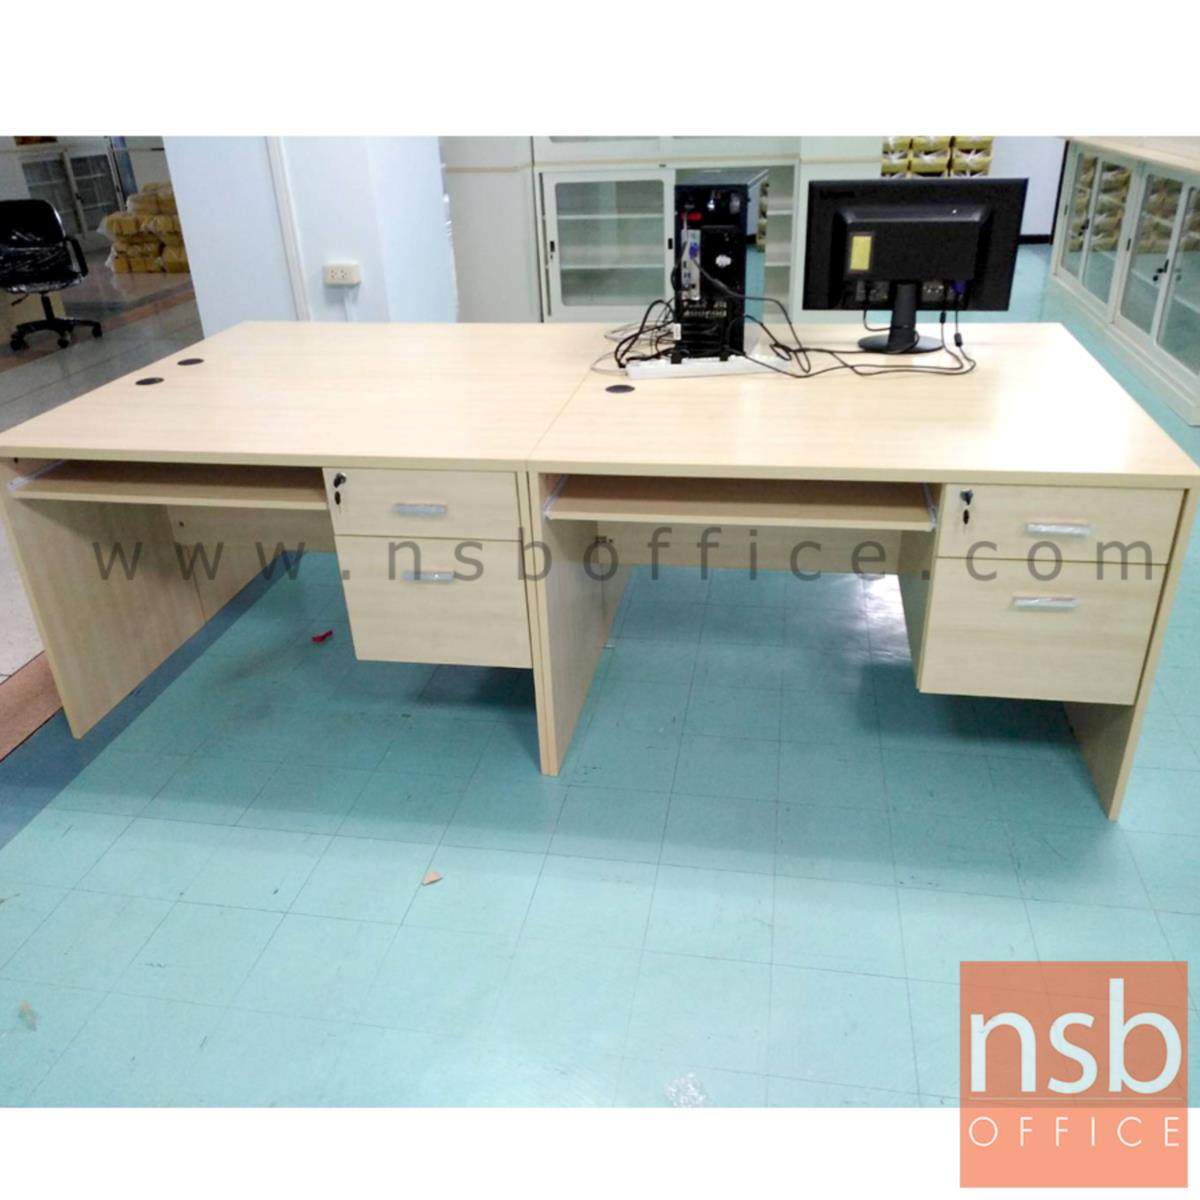 โต๊ะคอมพิวเตอร์ 2 ลิ้นชัก  รุ่น Thicke (ธิก) ขนาด 120W ,135W ,150W*60D ,75D cm.  พร้อมรางคีย์บอร์ด เมลามีน